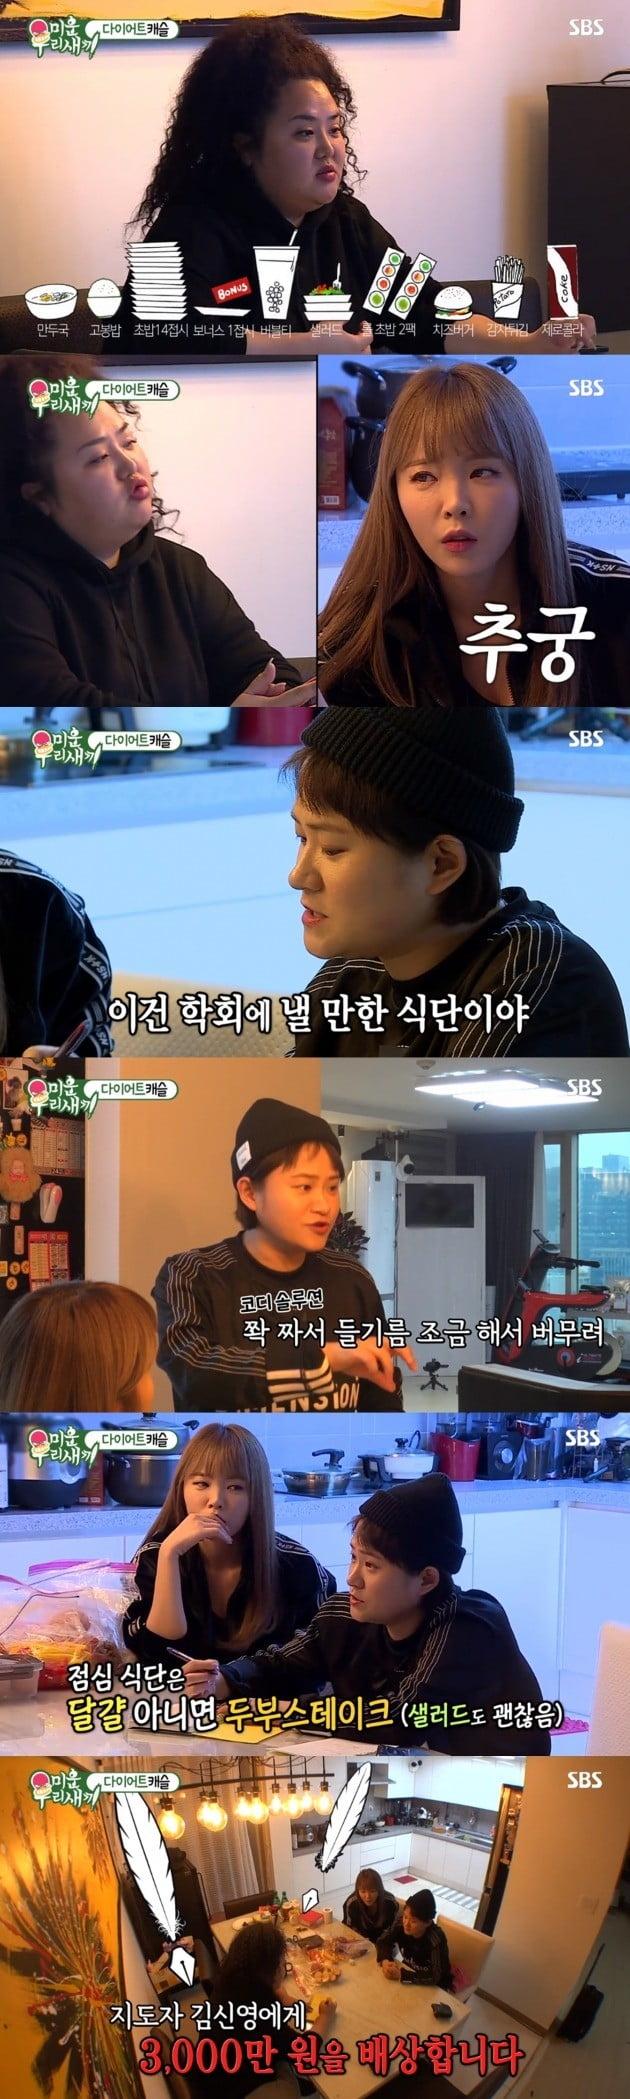 '미운우리새끼' 김신영 다이어트 비법 공개  /사진=SBS